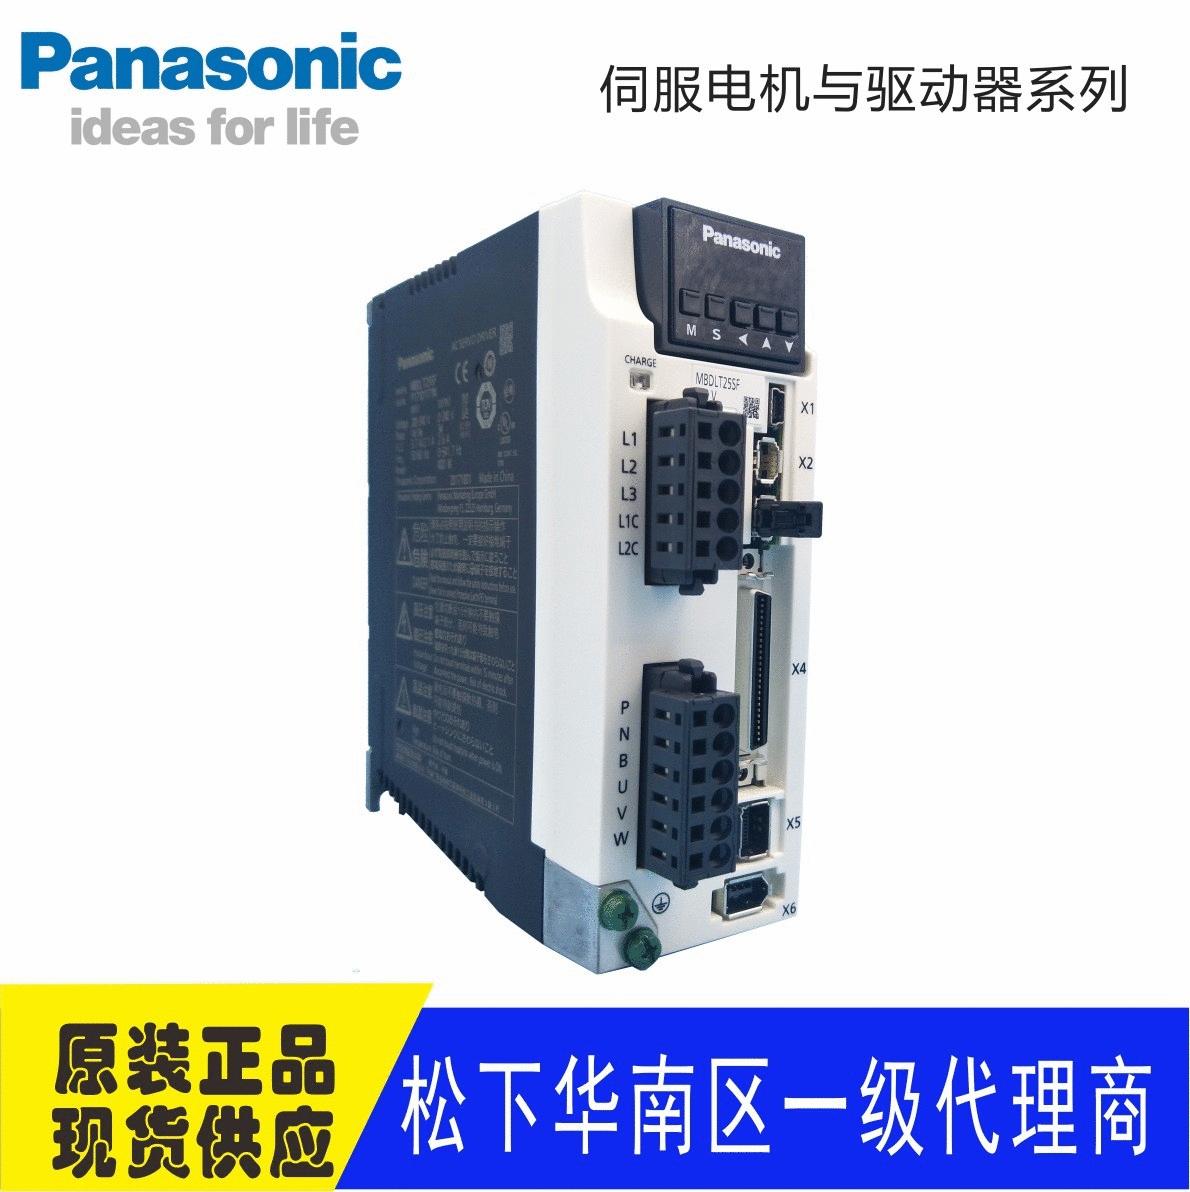 松下伺服驱动器 松下伺服电机驱动器 MBDLT25SF400W多功能松下伺服驱动器